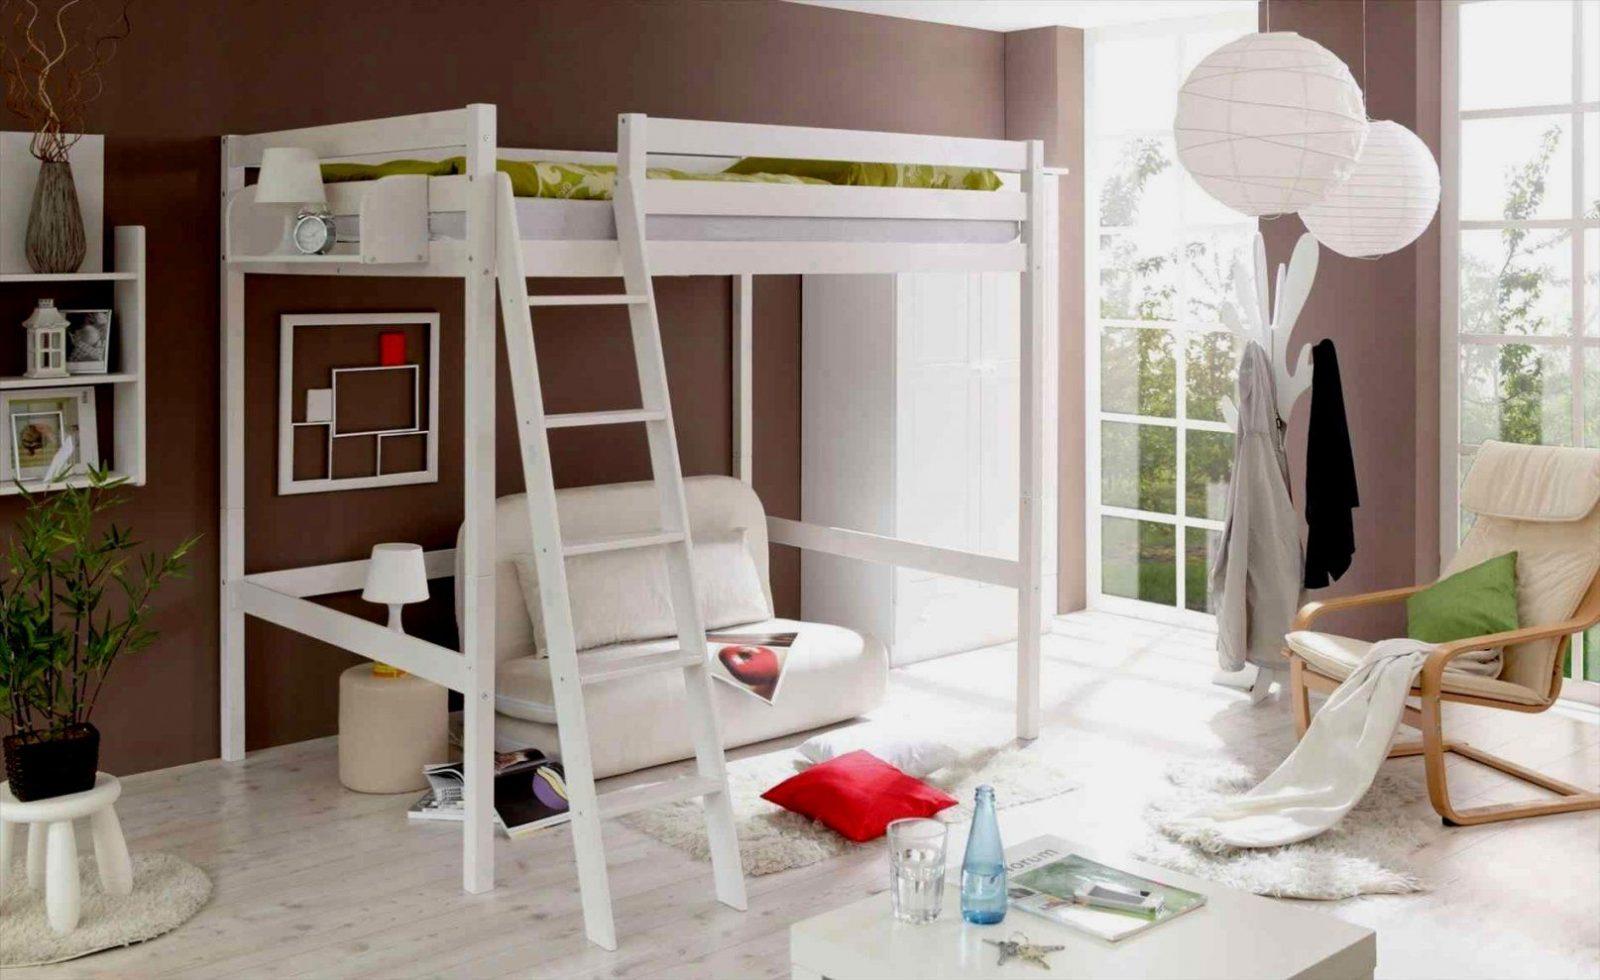 Beeindruckend Doppel Hochbett Für Erwachsene Oben Weiss Badezimmer von Doppel Hochbett Selber Bauen Bild